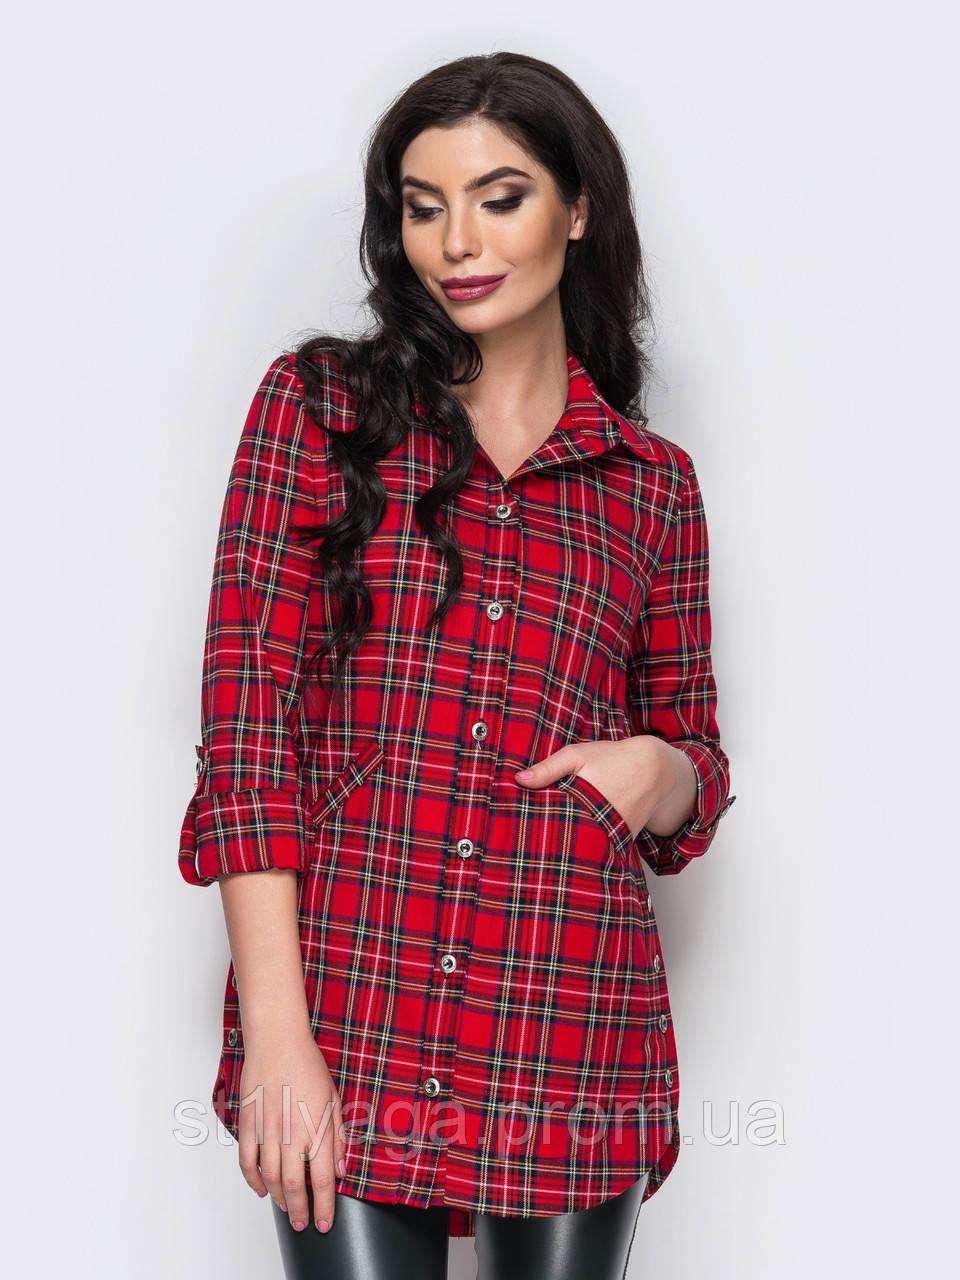 68f90e3d2df Удлиненная рубашка в клетку с длинными регулируемыми рукавами красный